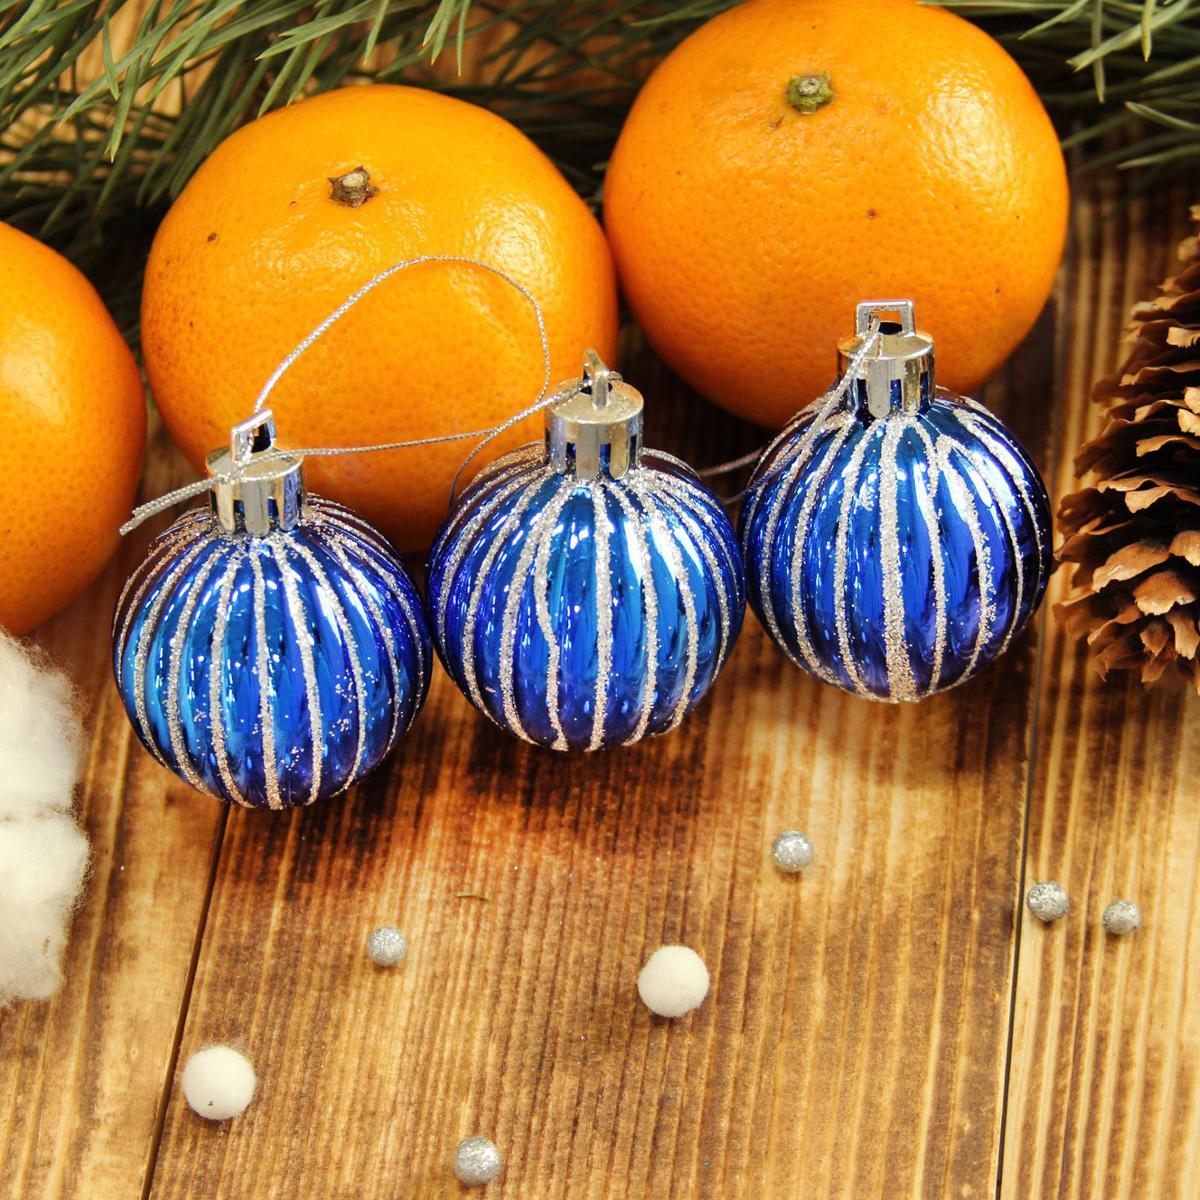 Набор новогодних подвесных украшений Sima-land Мелкие полоски, цвет: синий, диаметр 4 см, 9 шт2122988Невозможно представить нашу жизнь без праздников! Мы всегда ждём их и предвкушаем, обдумываем, как проведём памятный день, тщательно выбираем подарки и аксессуары, ведь именно они создают и поддерживают торжественный настрой.